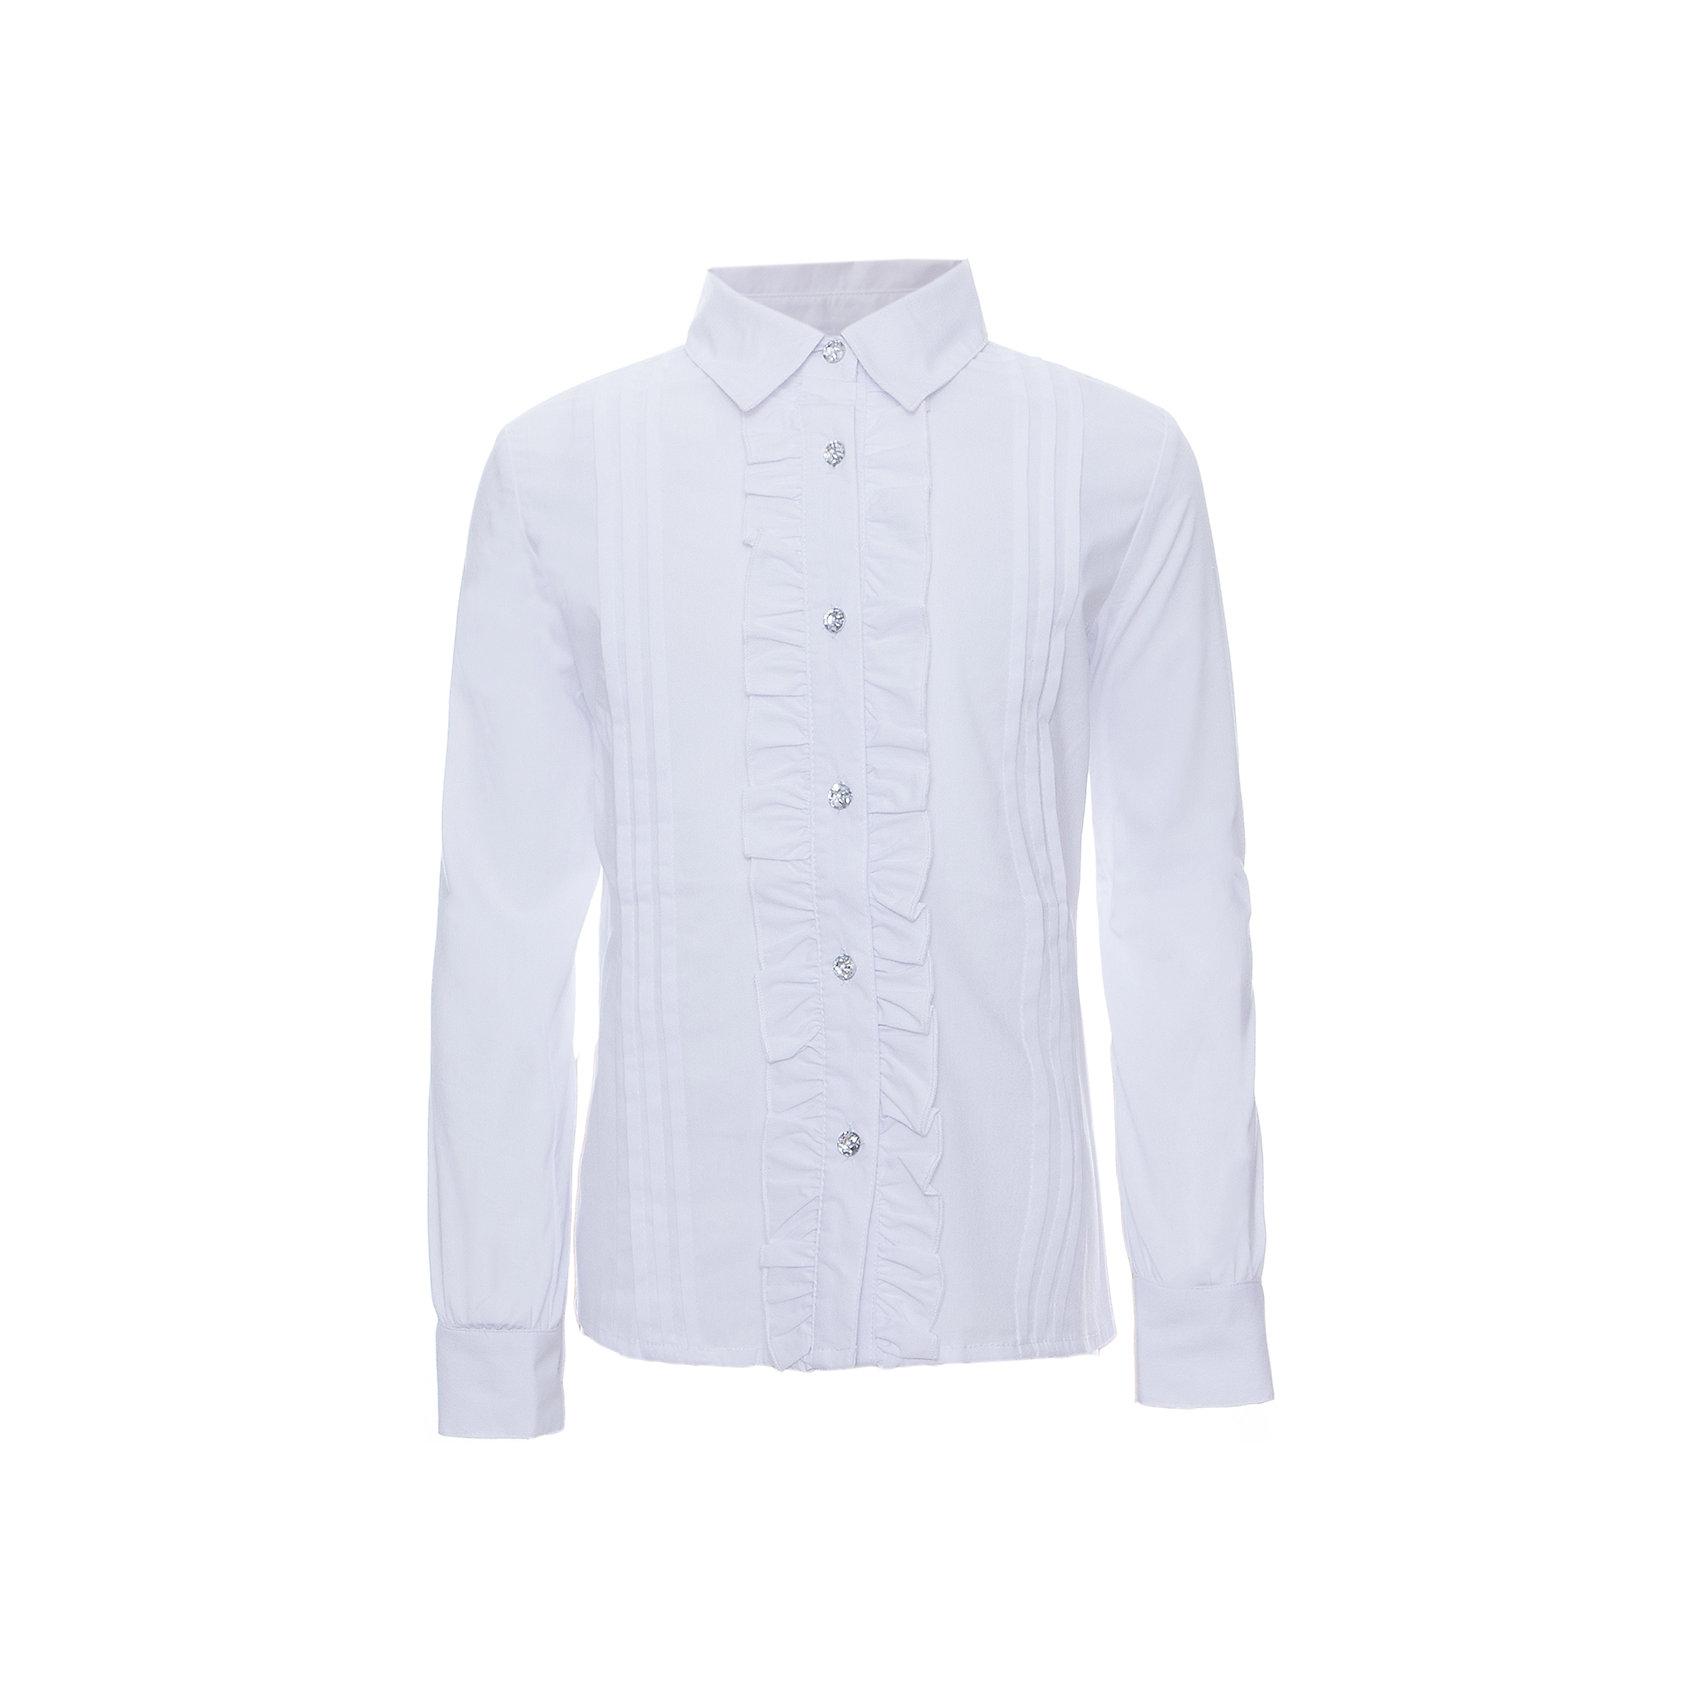 Блузка для девочки ScoolБлузки и рубашки<br>Блузка для девочки от известного бренда Scool<br>Состав:<br>65% хлопок, 32% полиэстер, 3% эластан<br>Нежная женственная блузка. Застегивается на прозрачные сверкающие пуговицы, планка украшена рюшами.<br><br>Ширина мм: 186<br>Глубина мм: 87<br>Высота мм: 198<br>Вес г: 197<br>Цвет: белый<br>Возраст от месяцев: 72<br>Возраст до месяцев: 84<br>Пол: Женский<br>Возраст: Детский<br>Размер: 122,128,146,158,164,152,140,134<br>SKU: 4686957